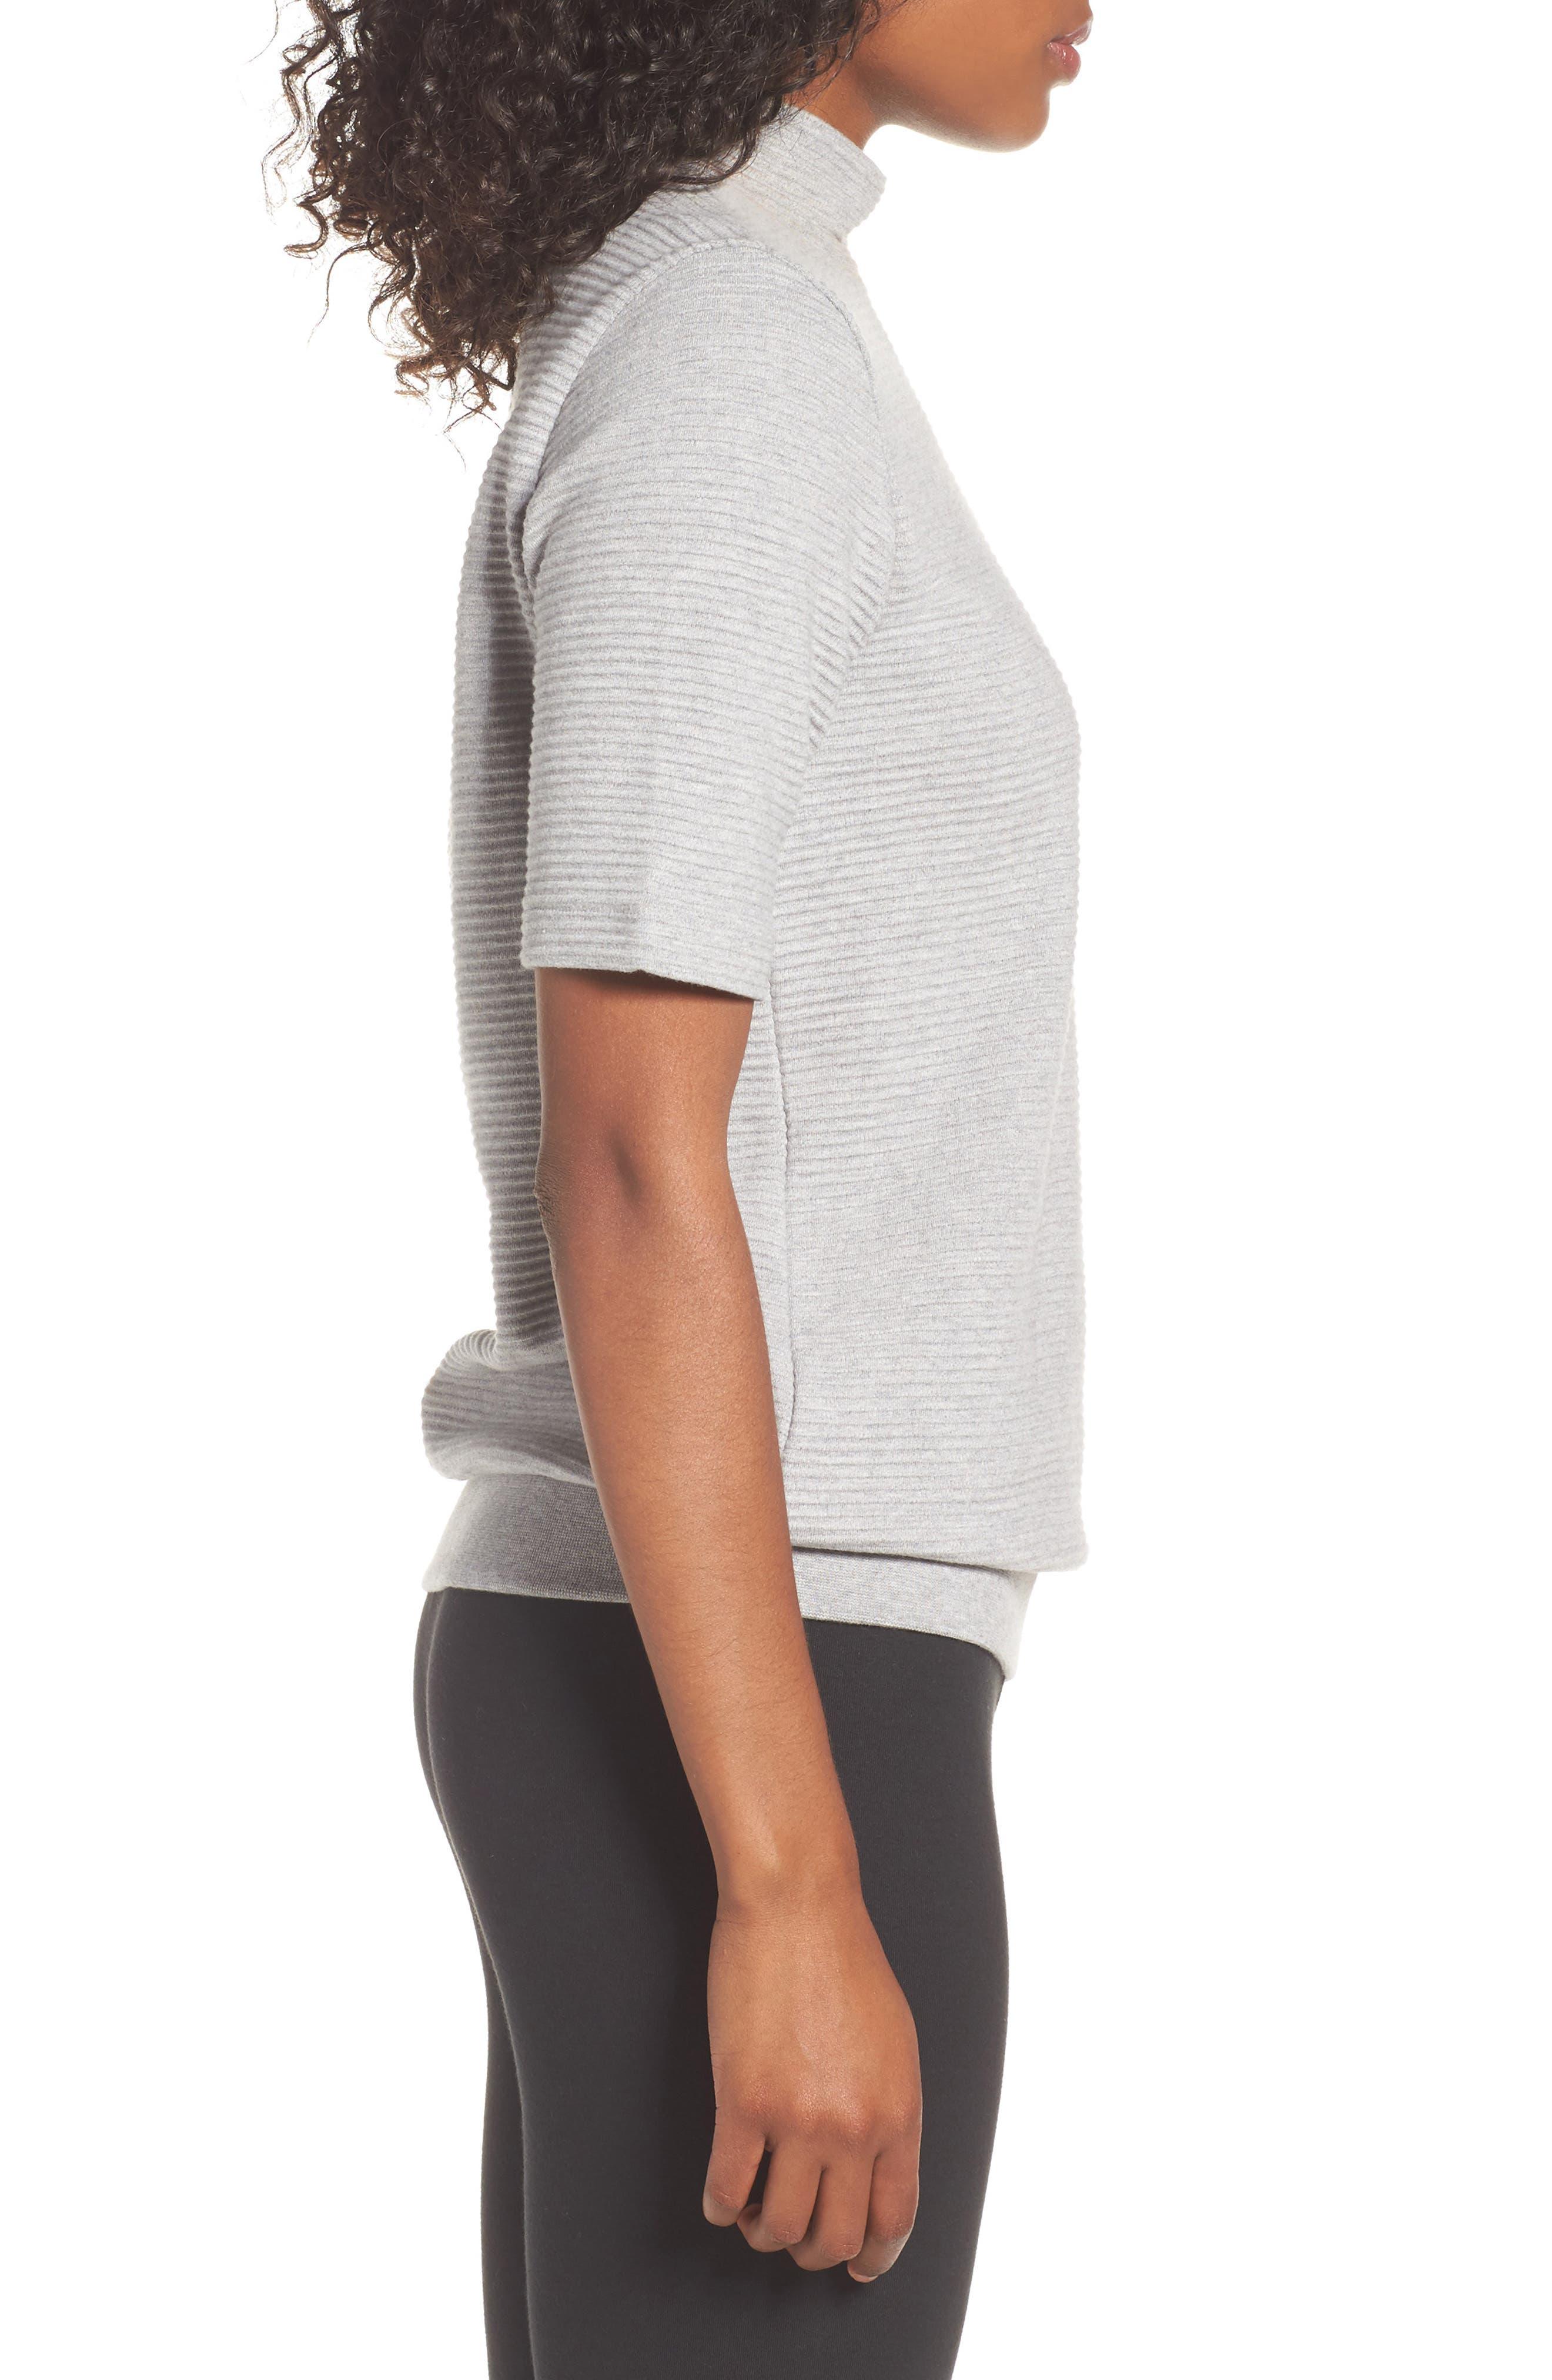 Originals EQT Sweatshirt,                             Alternate thumbnail 3, color,                             Medium Grey Heather